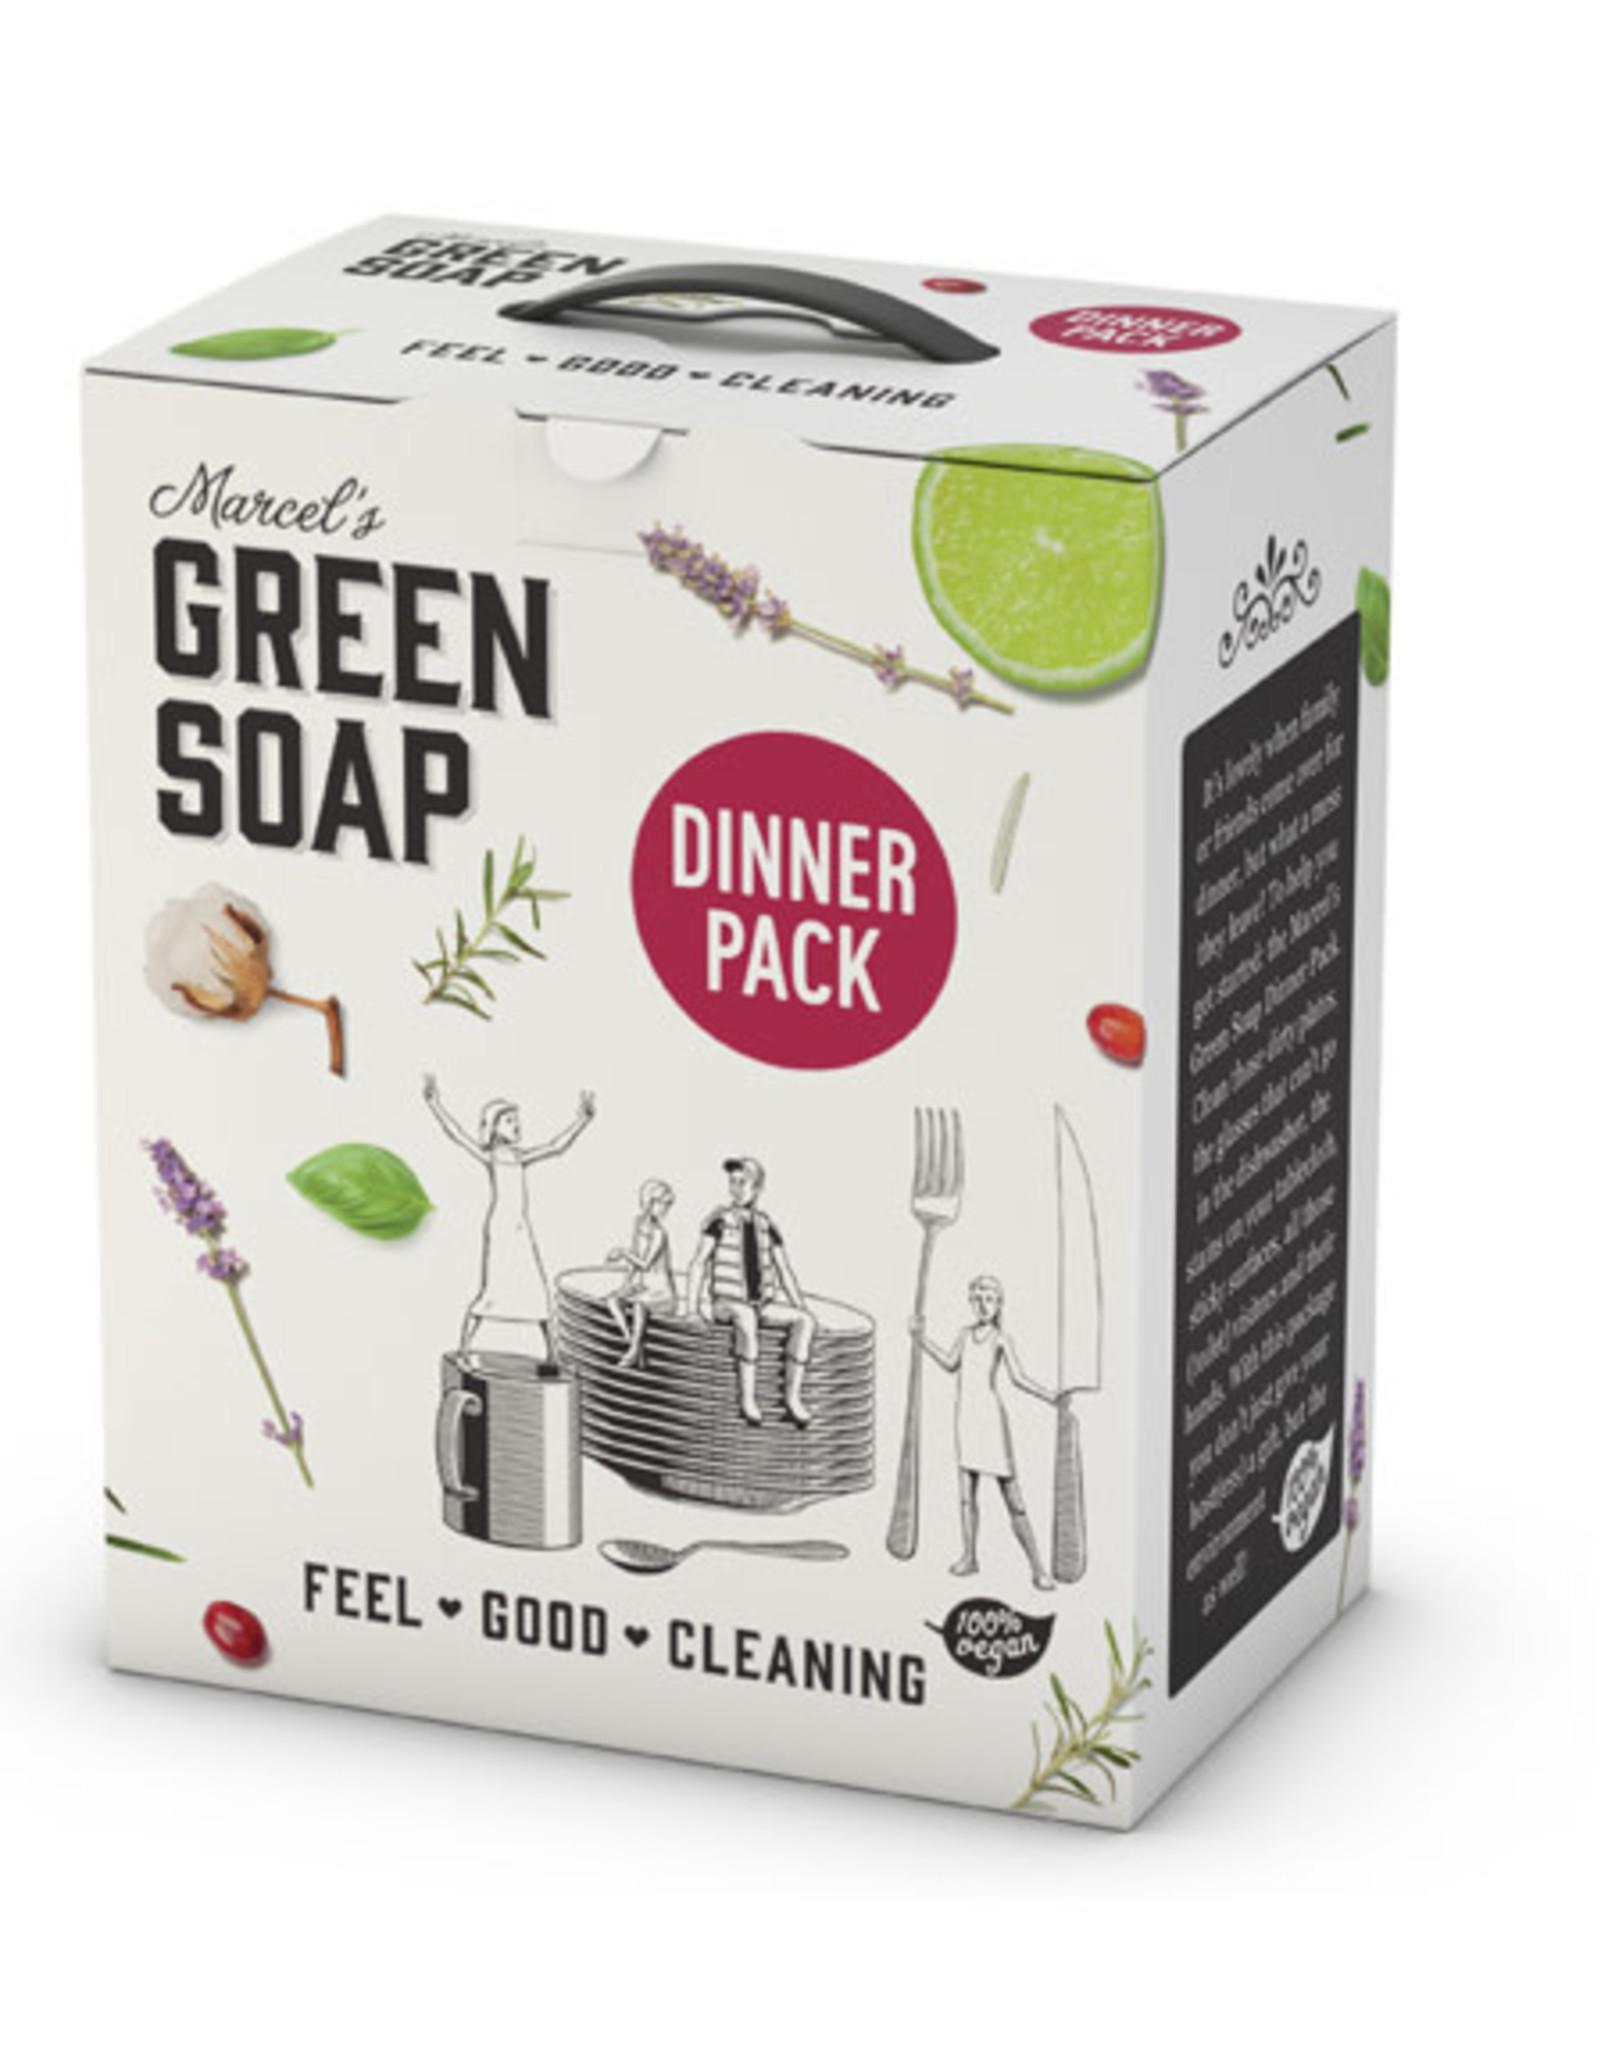 Marcel's Green Soap Schoonmaakbox - 6 x Marcel's favoriete schoonmaakproducten